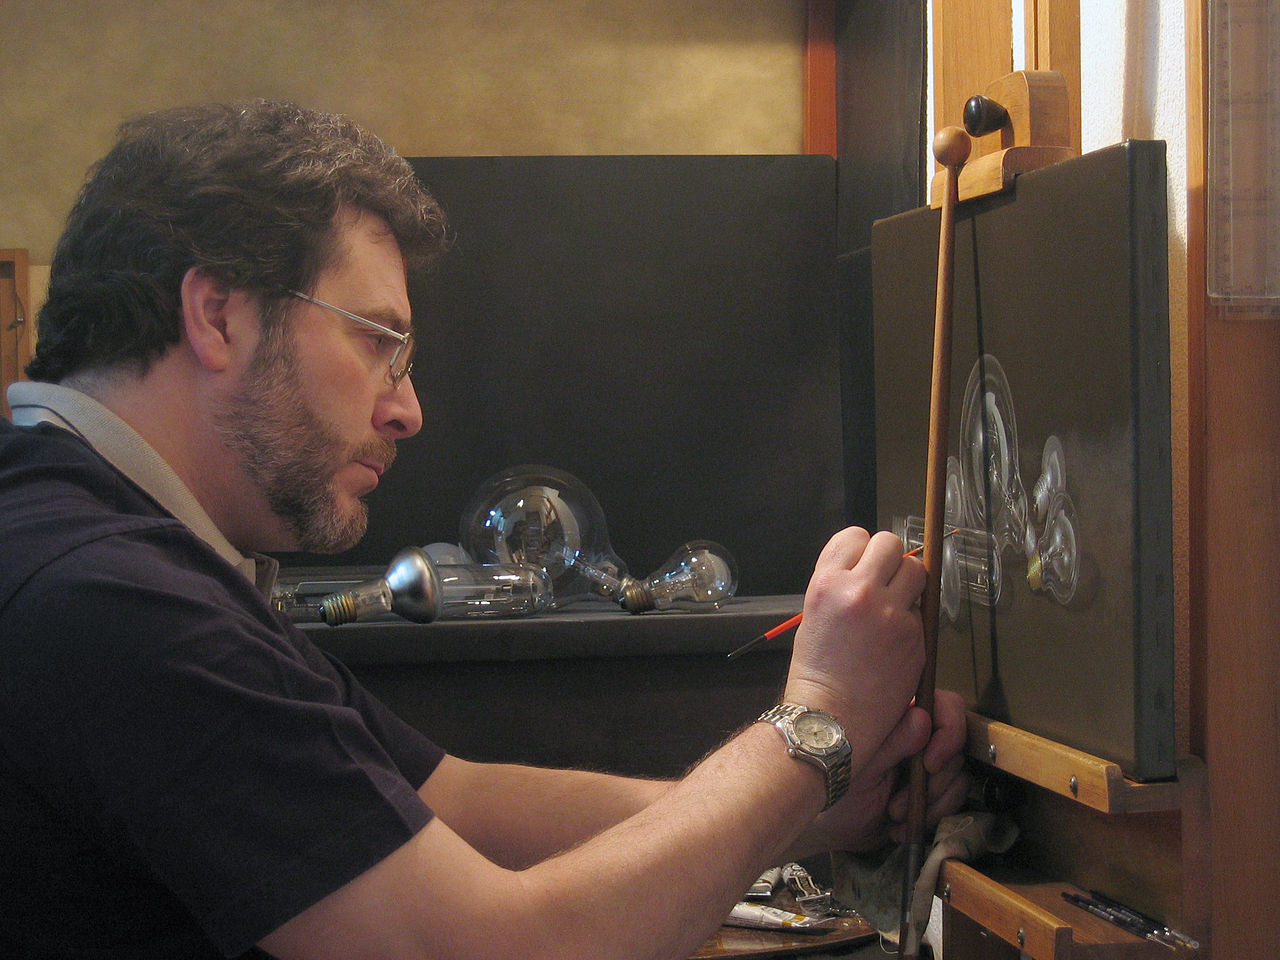 Karel Appel Paintings For Sale